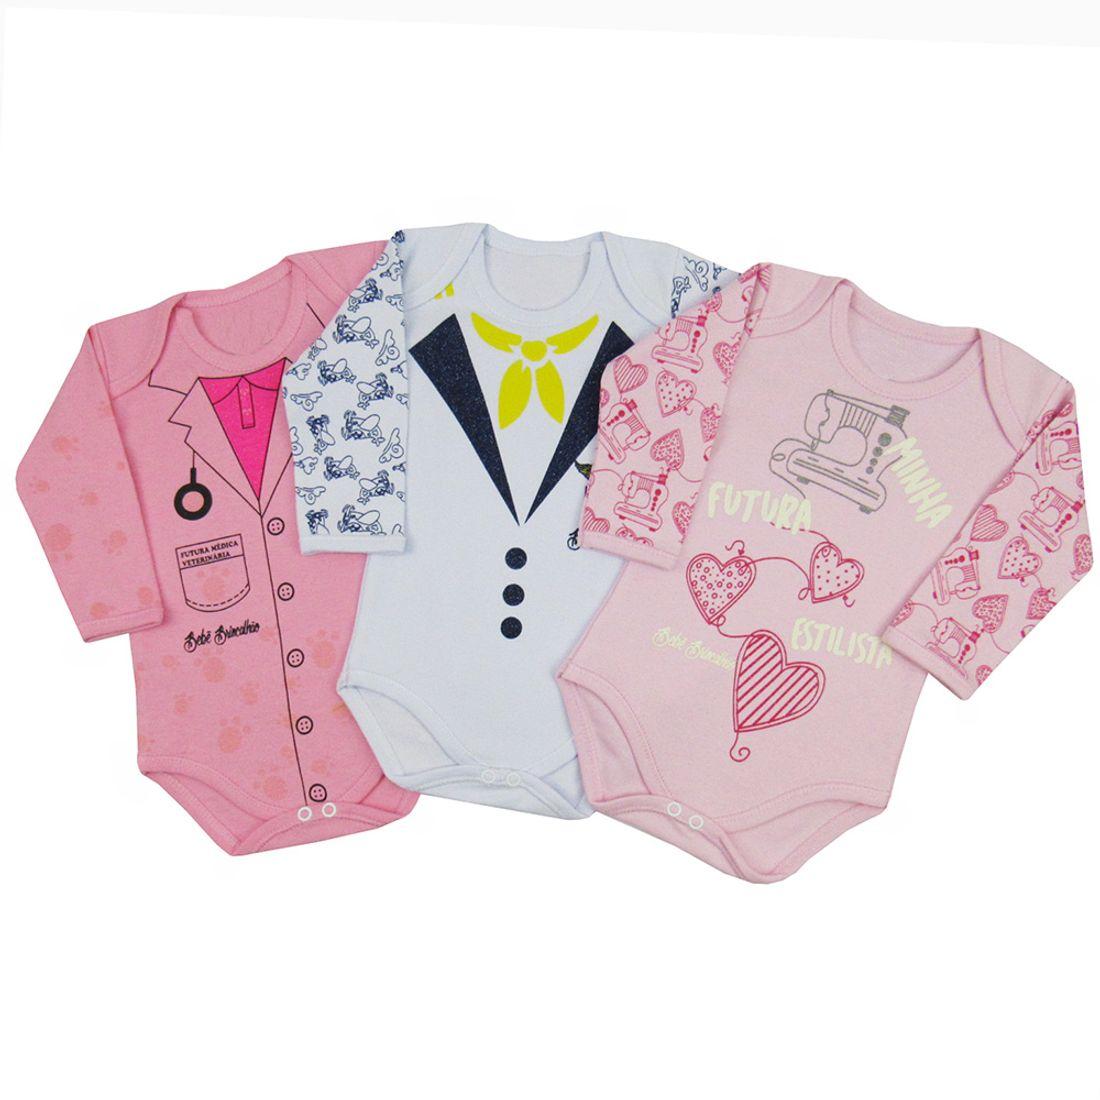 93c71c7420a Body Bebê Feminino Manga Longa Kit com 3 Unidades - poetique